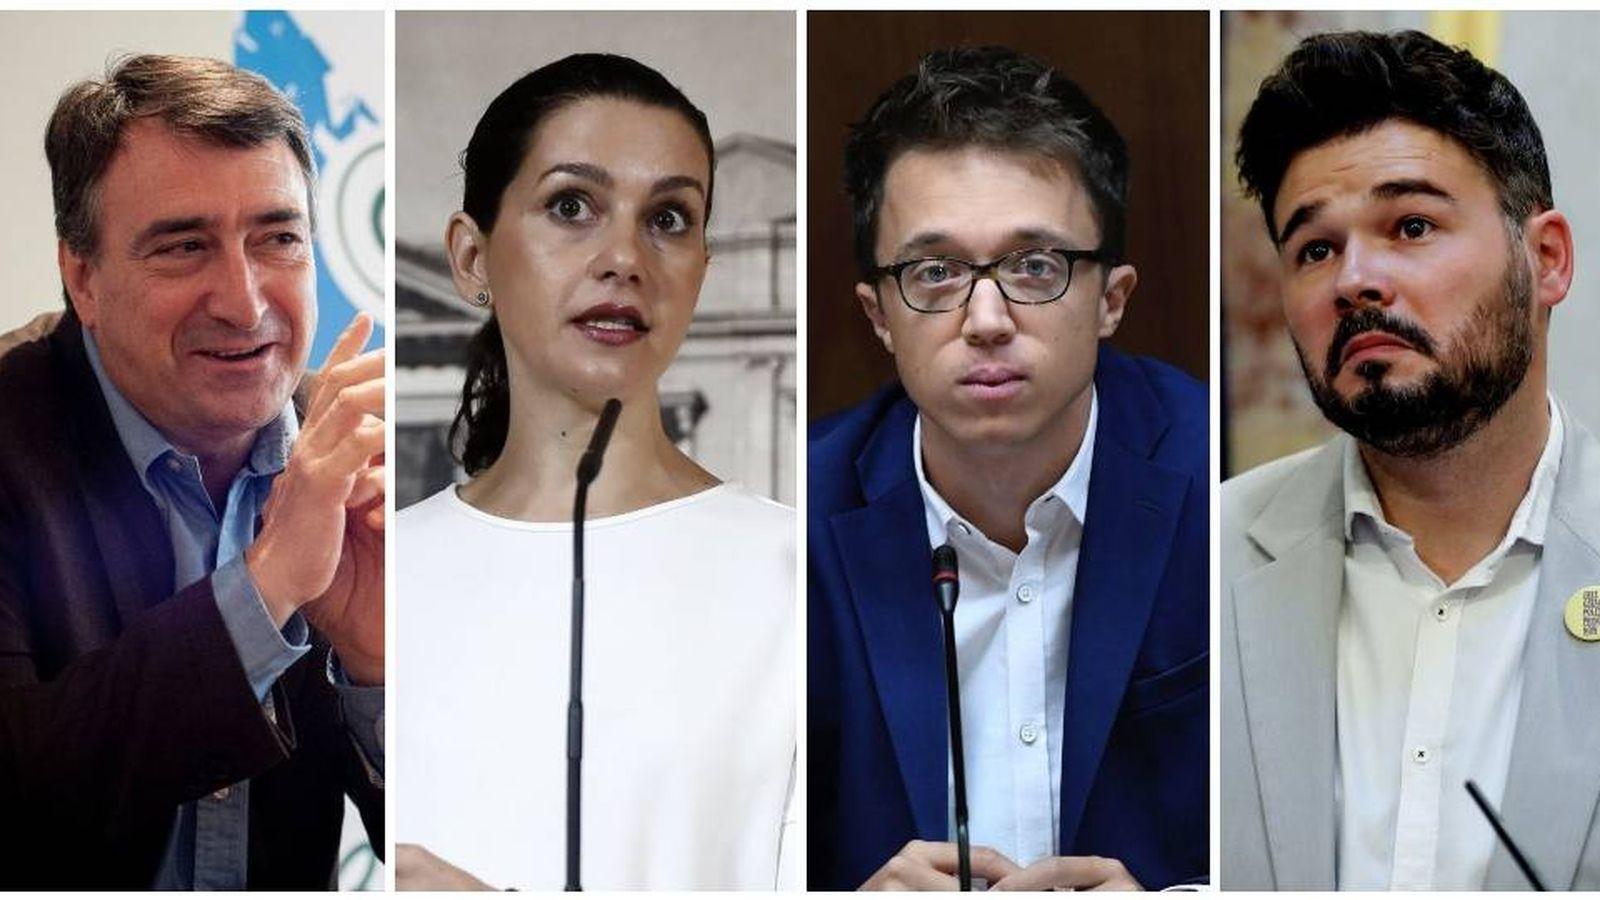 https://www.ecestaticos.com/image/clipping/cf46bcba0a1ce02d63909d540be02992/estos-son-los-candidatos-de-los-partidos-politicos-a-las-elecciones-generales-del-10n.jpg